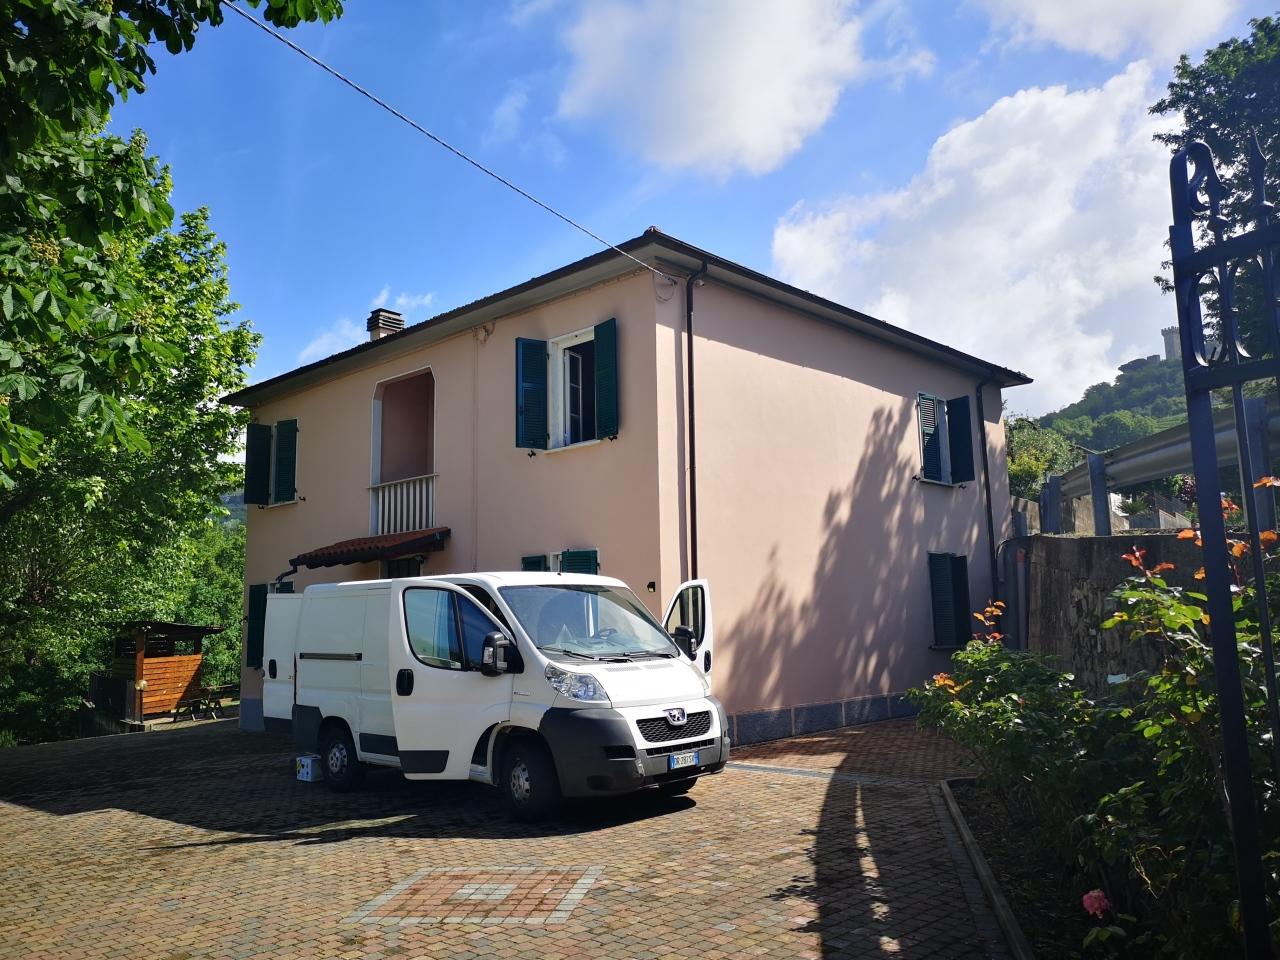 Casa singola in vendita, rif. 2869